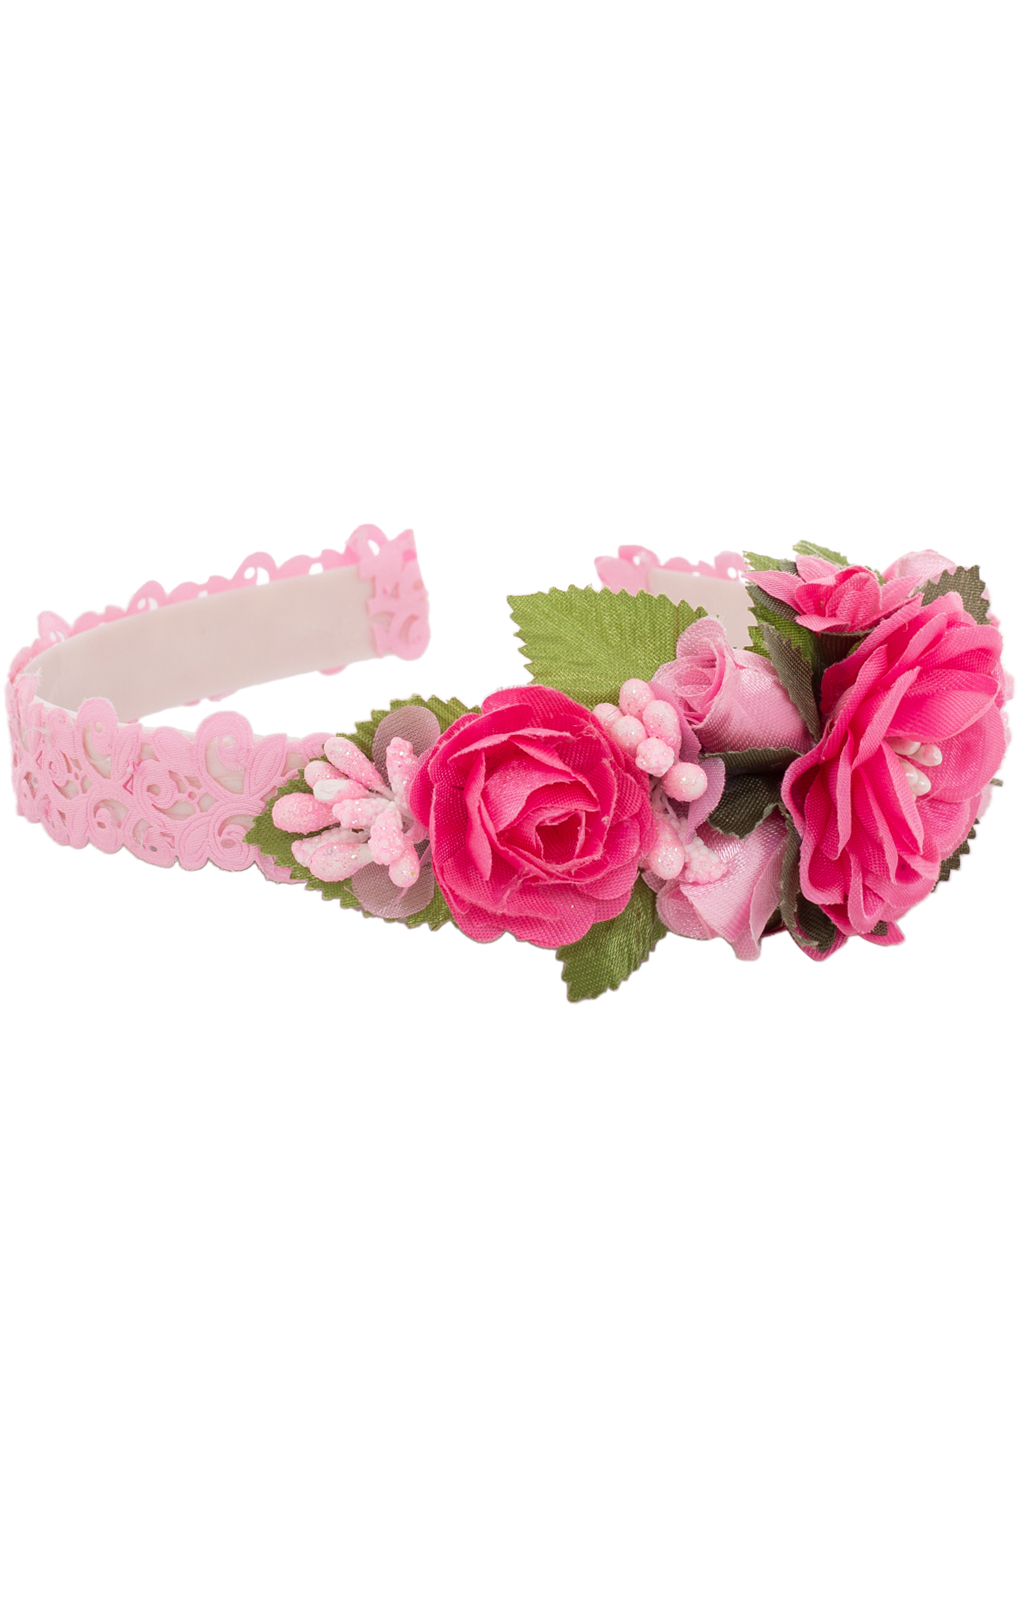 Haarreifen für Kinder TASSIA 1018 pink von Fielana